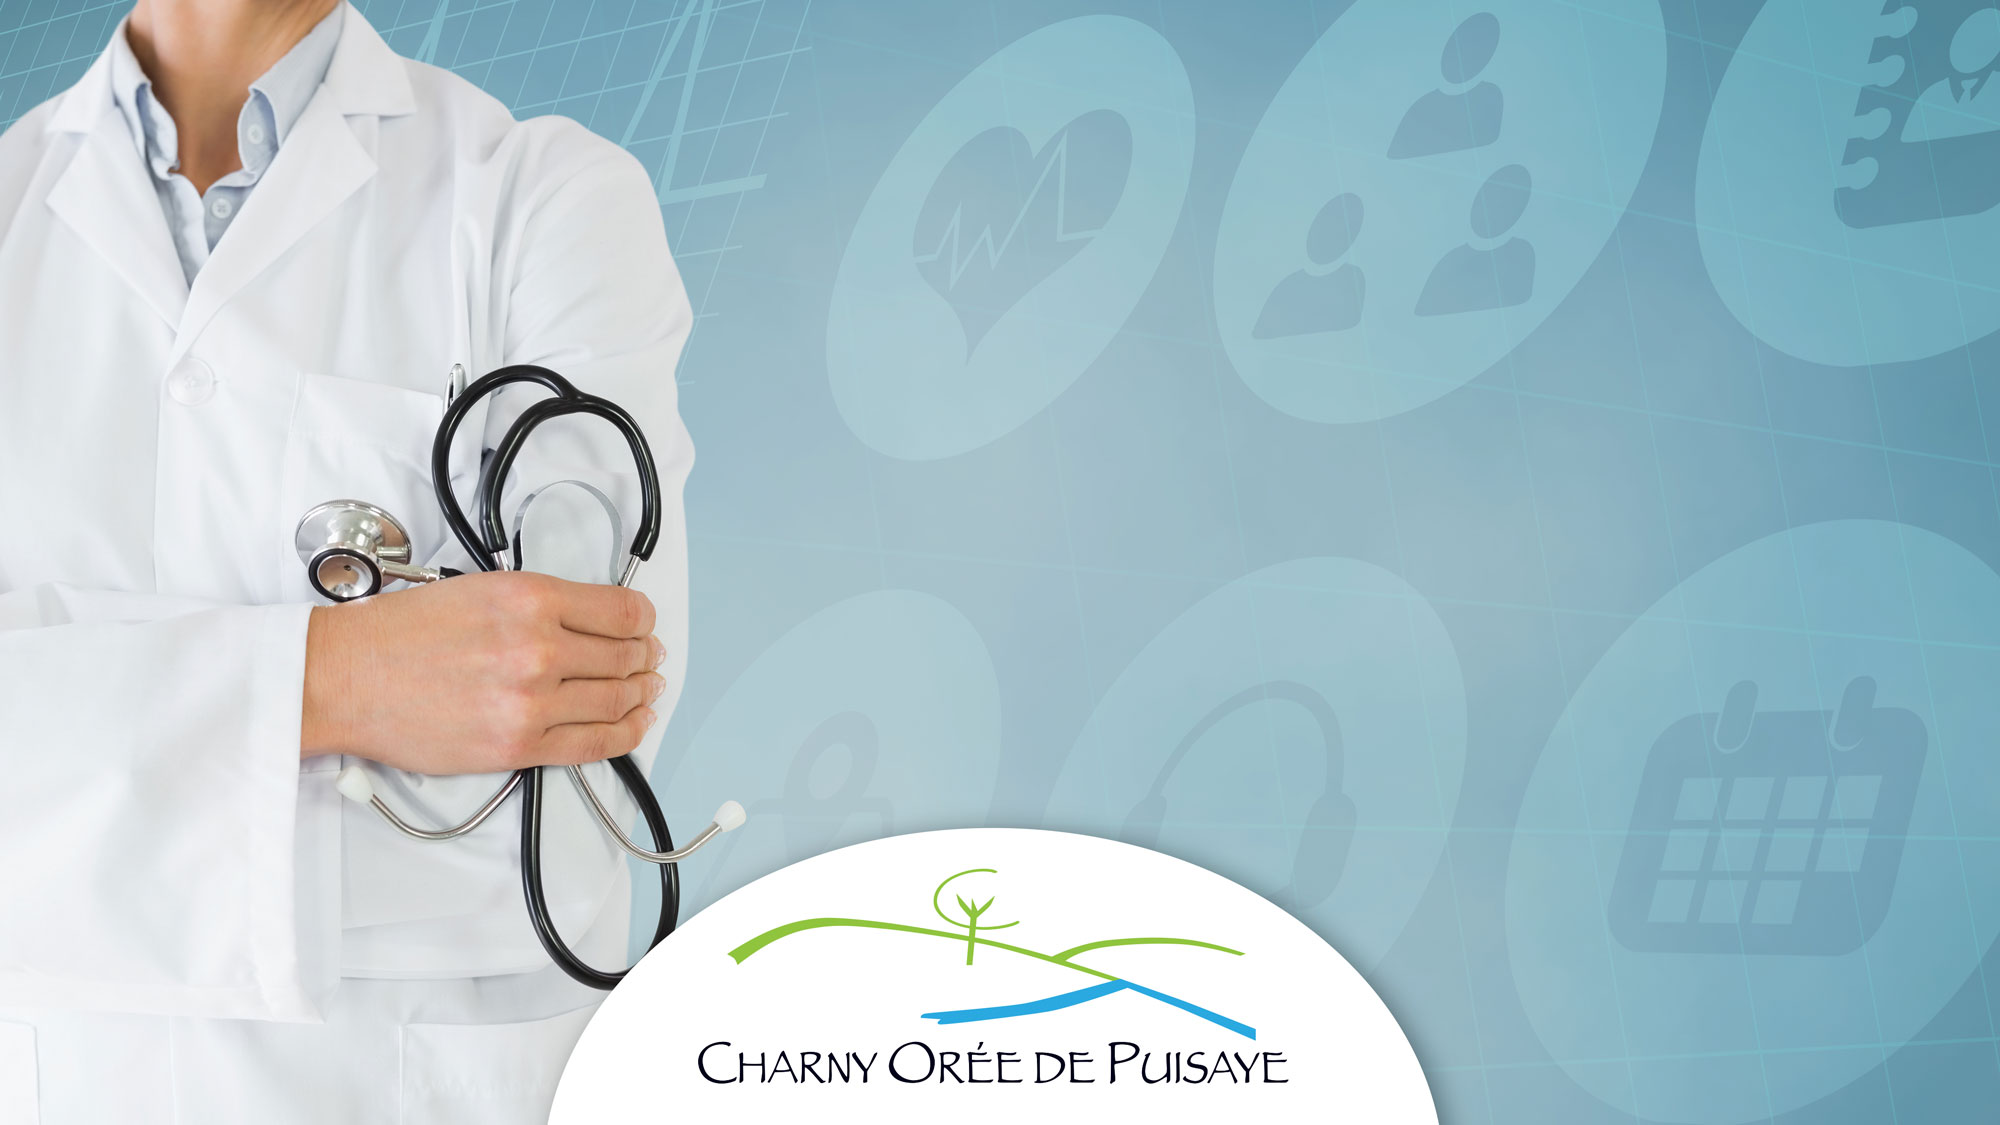 Maison de santé Charny Orée de Puisaye